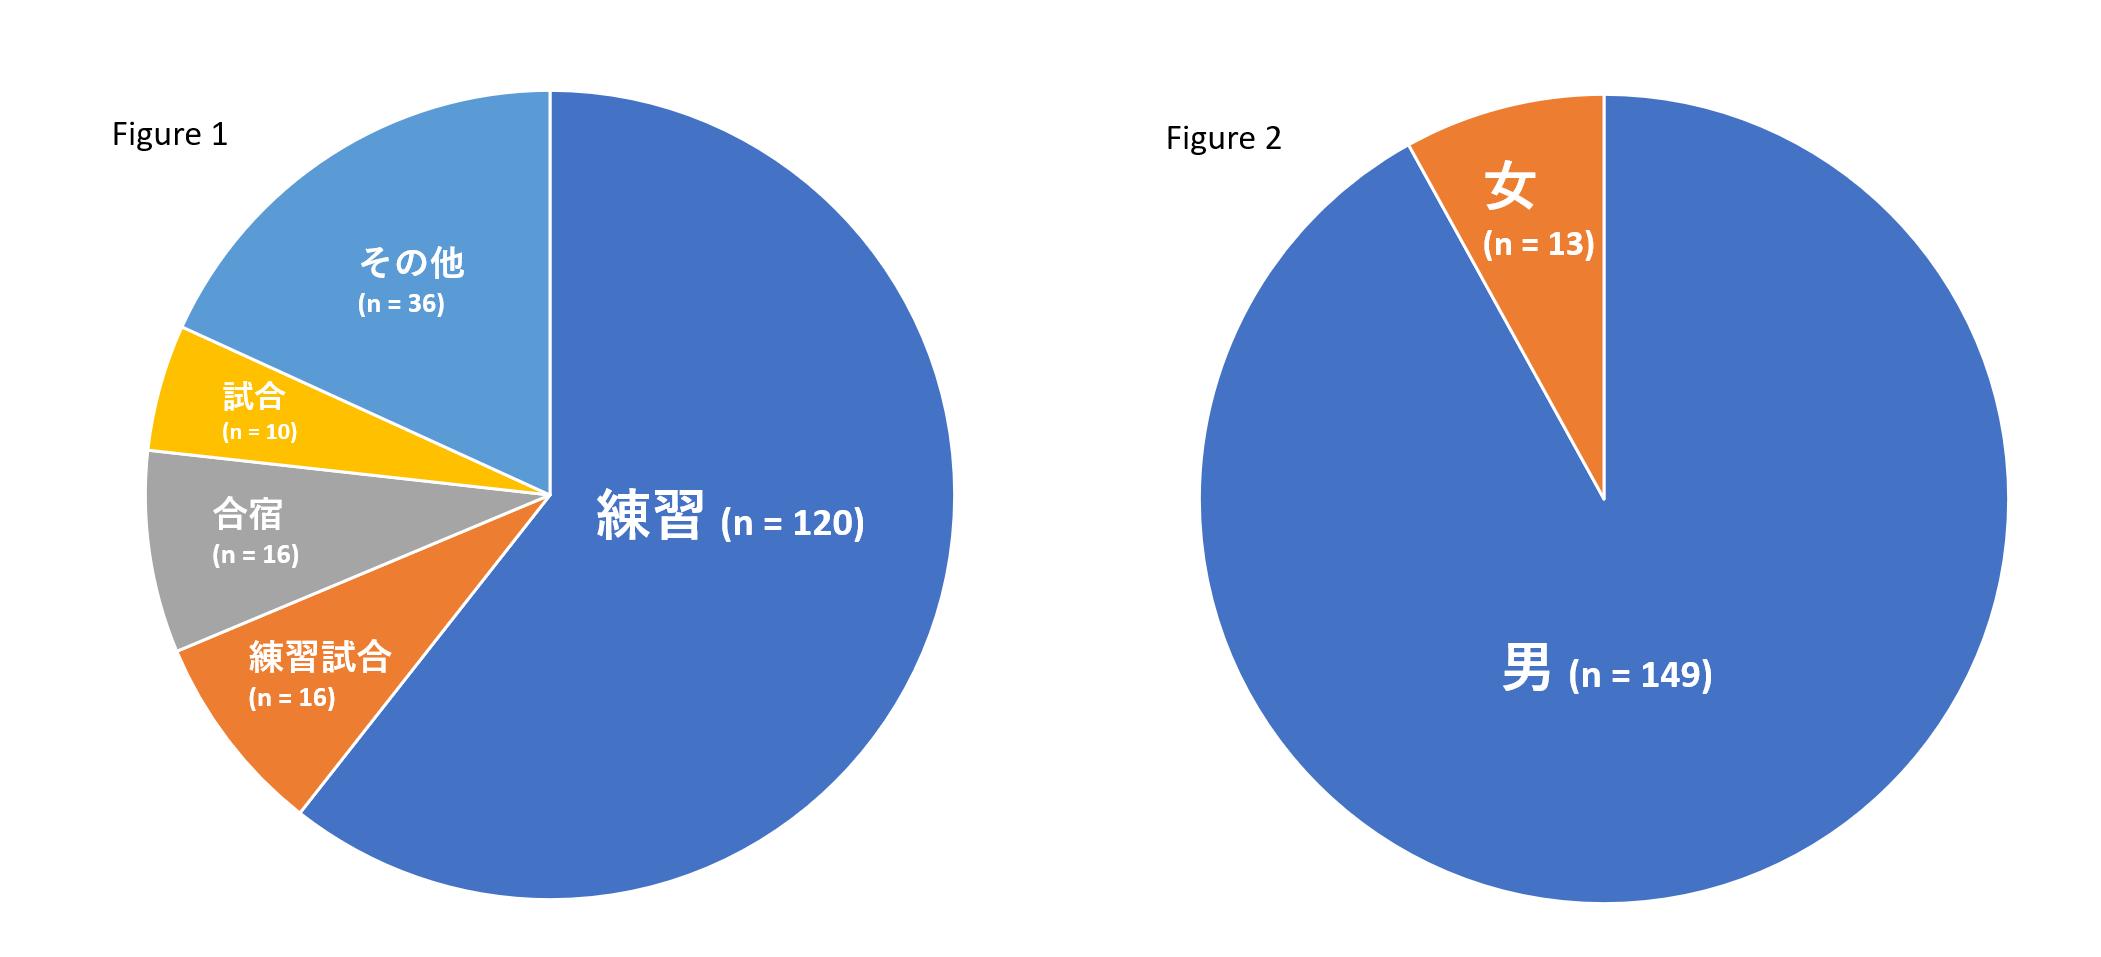 最新エビデンスレビューから紐解く、日本の中学・高校の部活動で起こる死亡事故の実態_b0112009_08033558.png